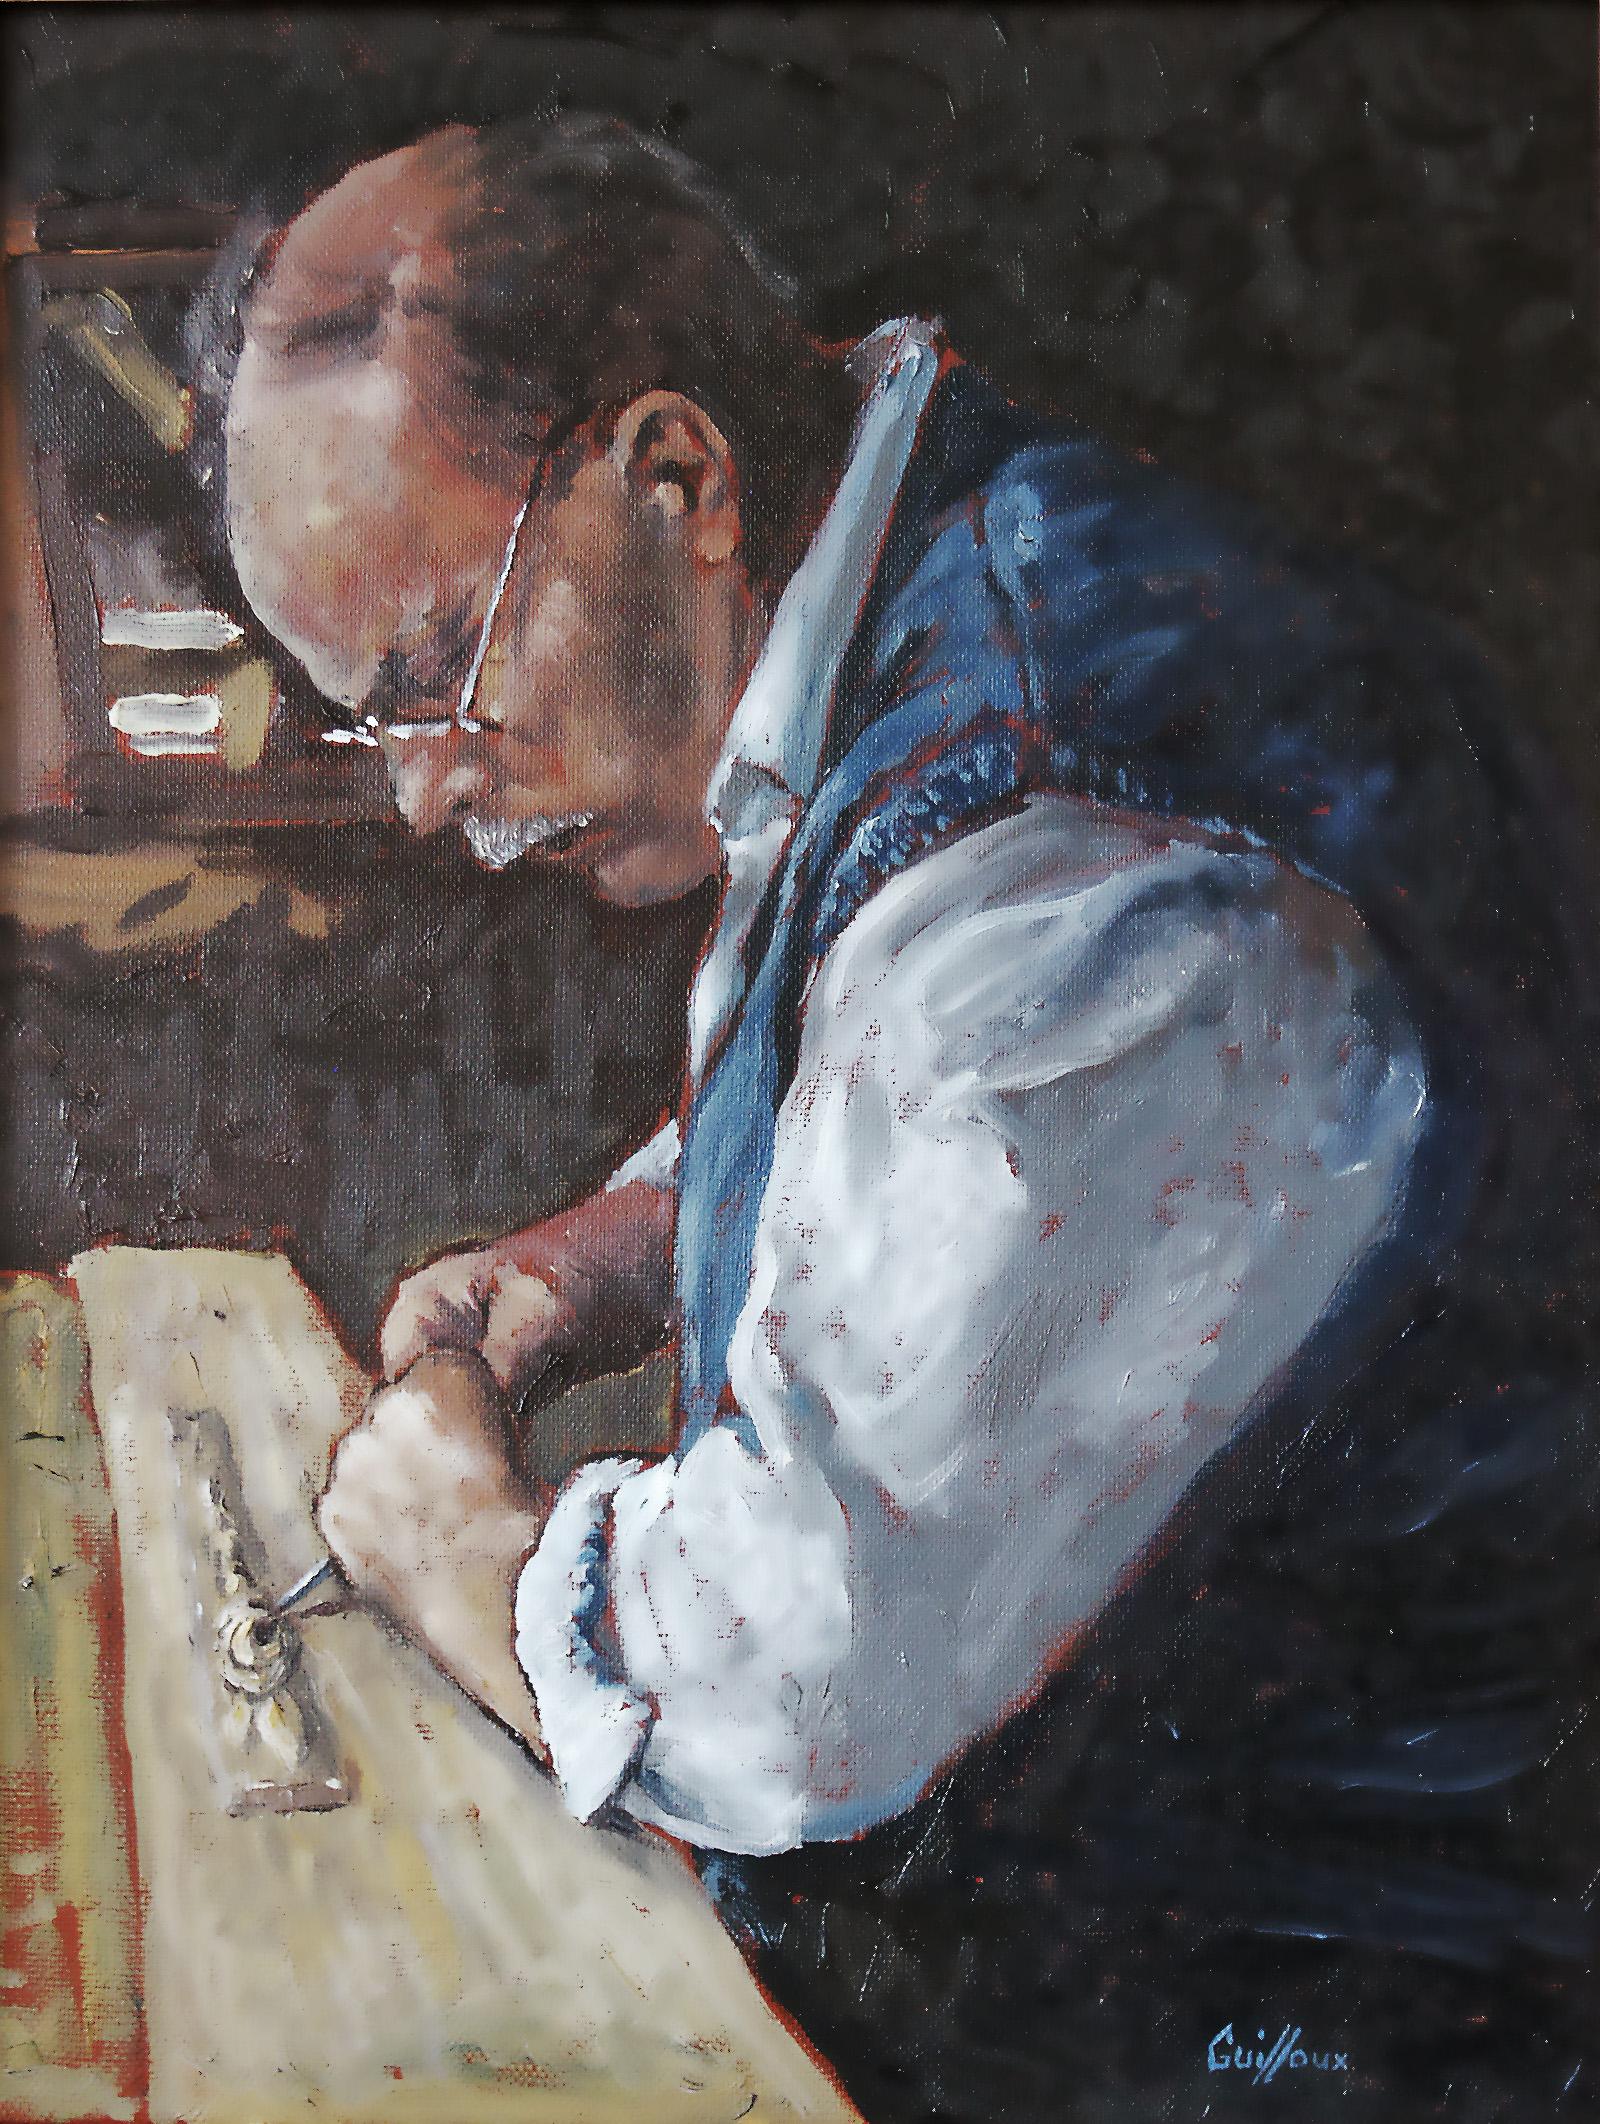 Alain Guilloux